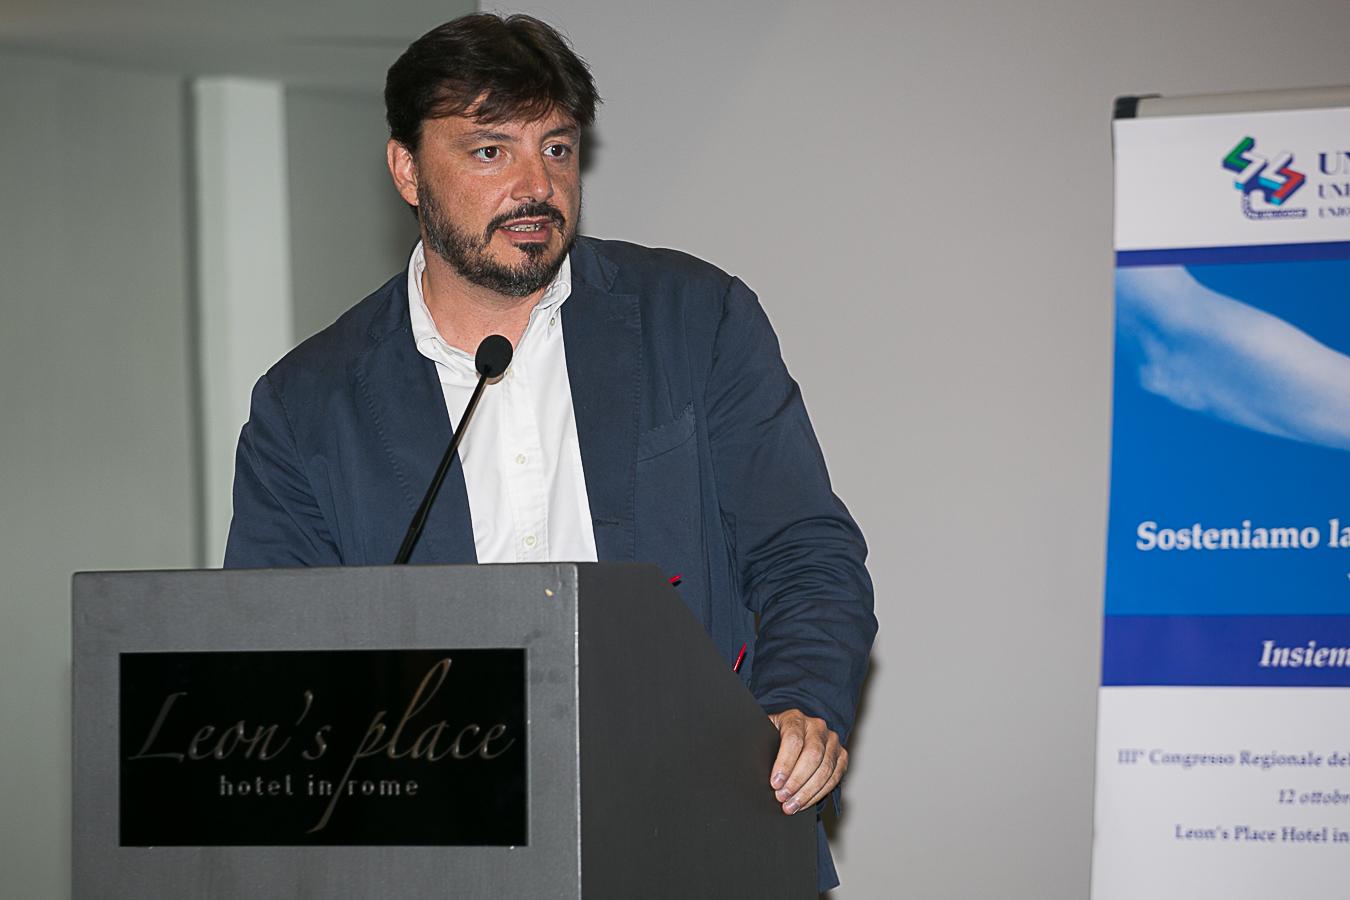 Eugenio Patanjpg